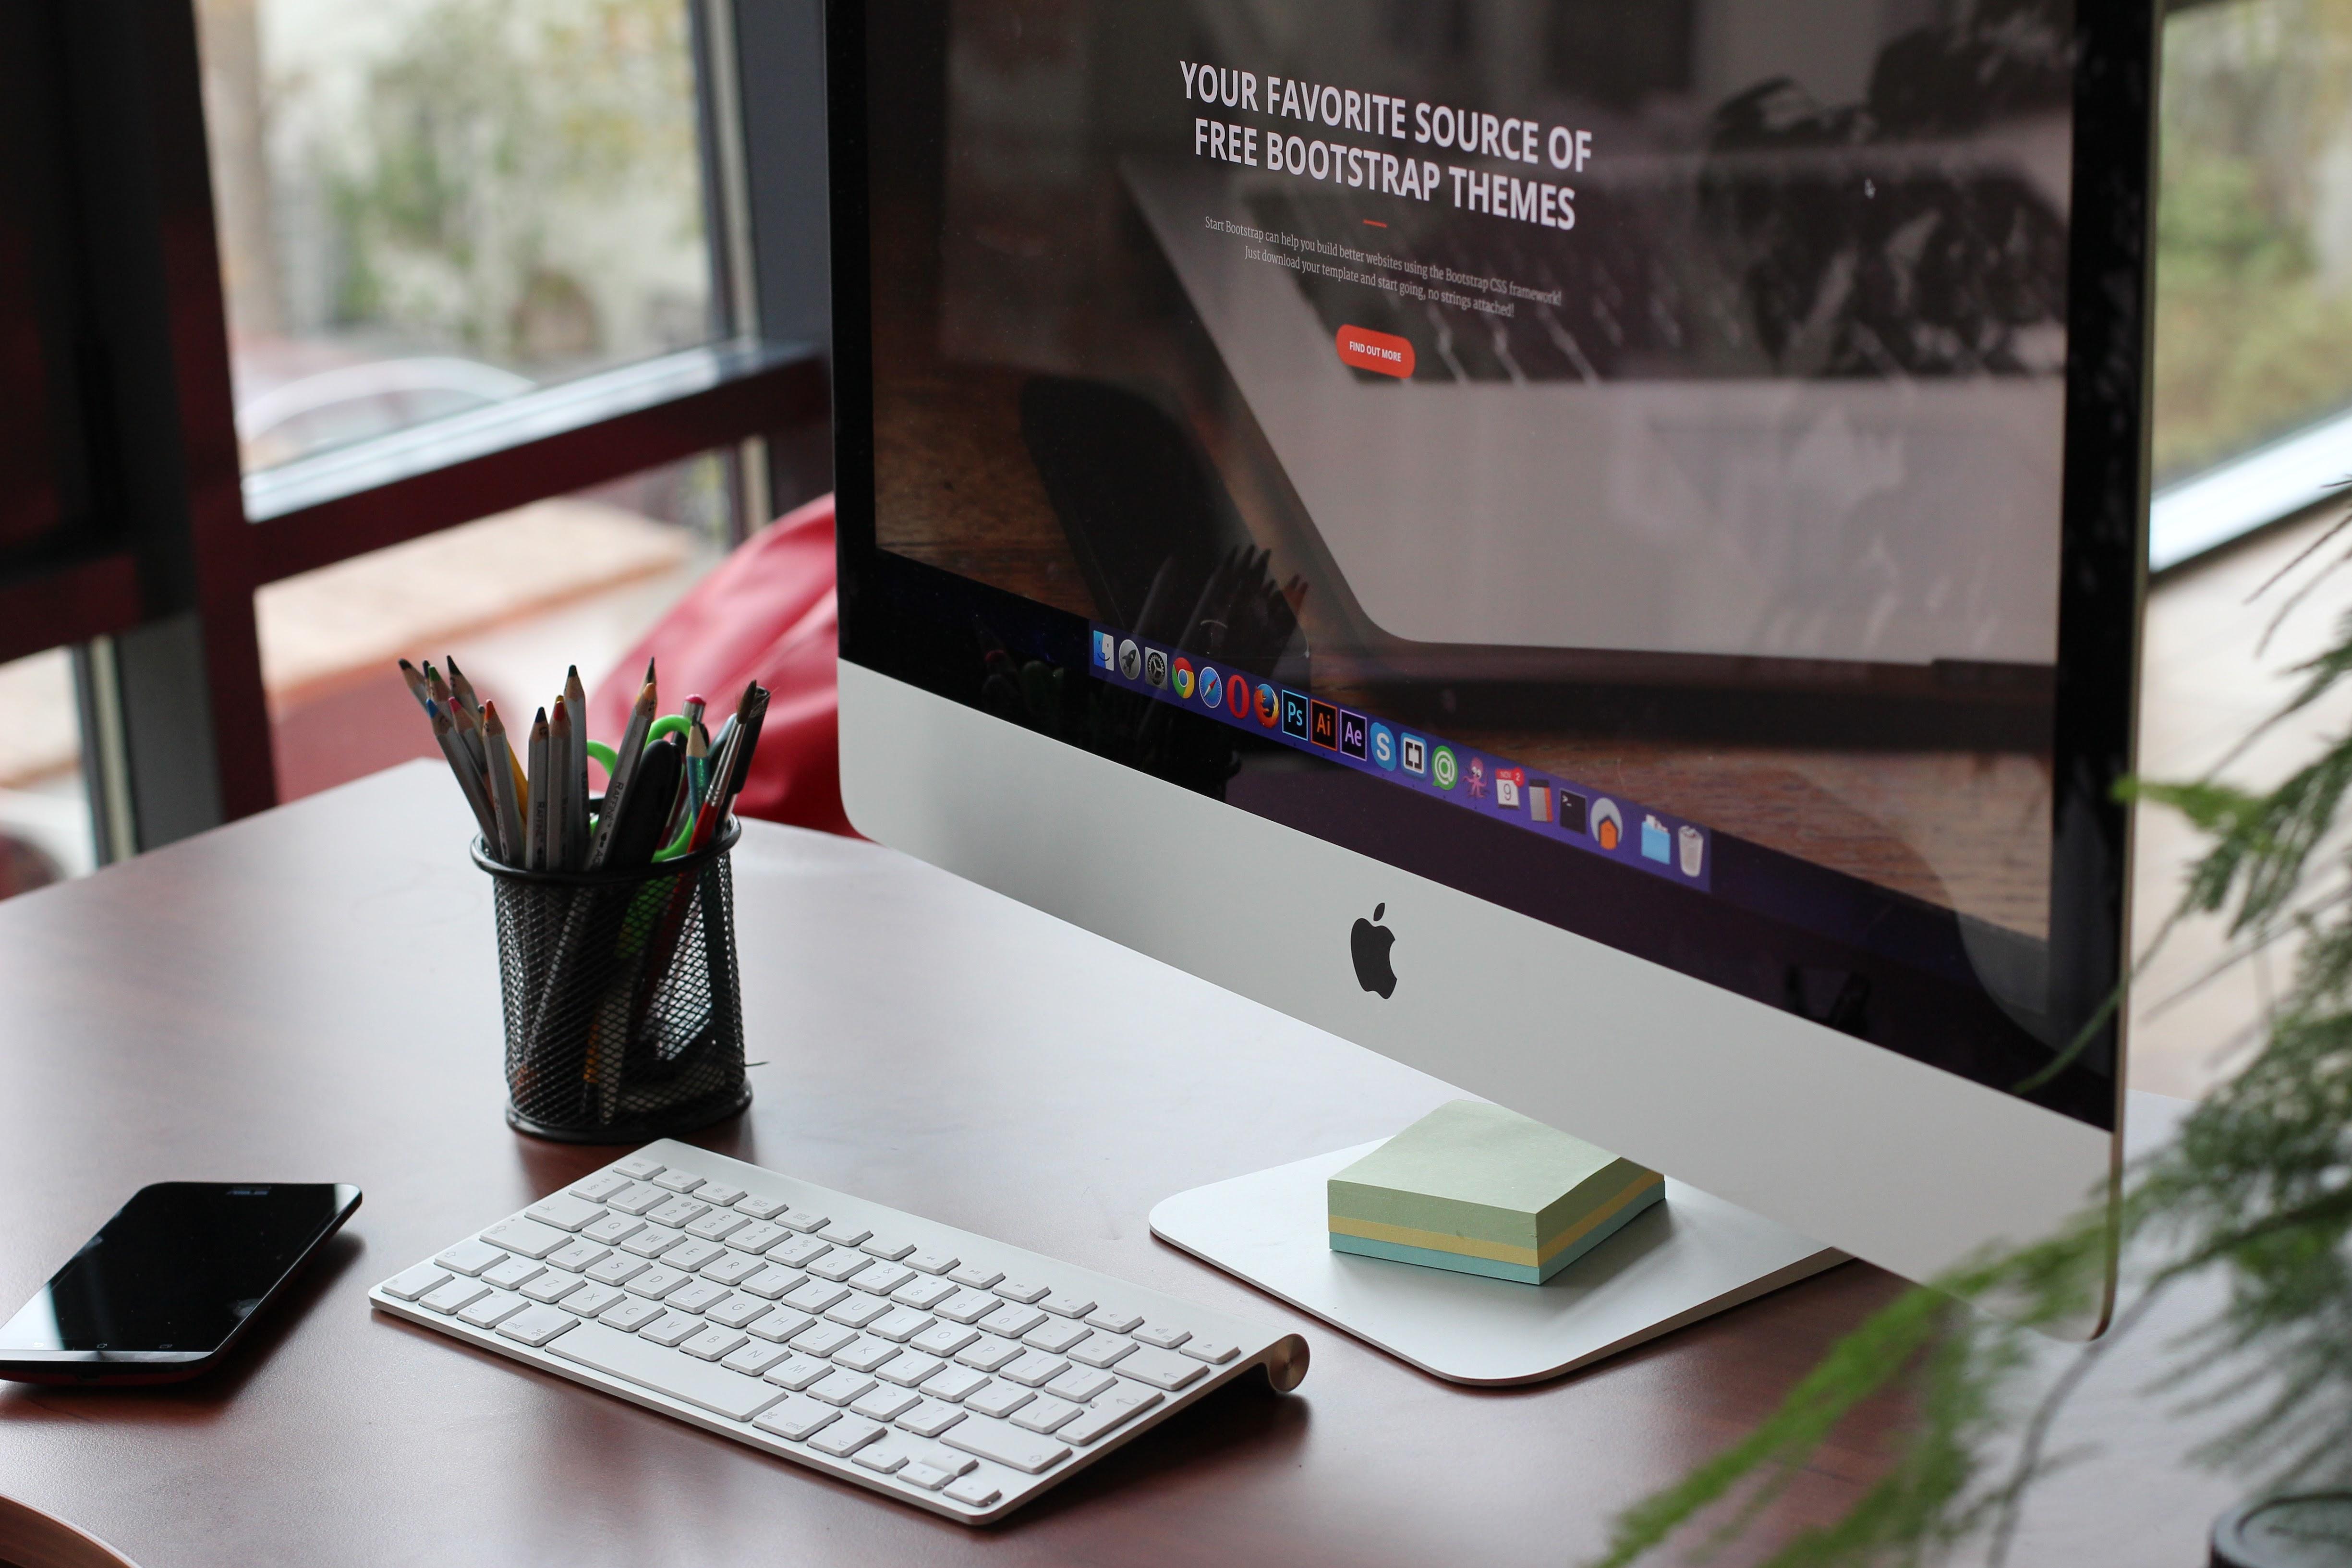 Download wallpaper 3840x2400 macbook pro, apple, iphone, laptop.